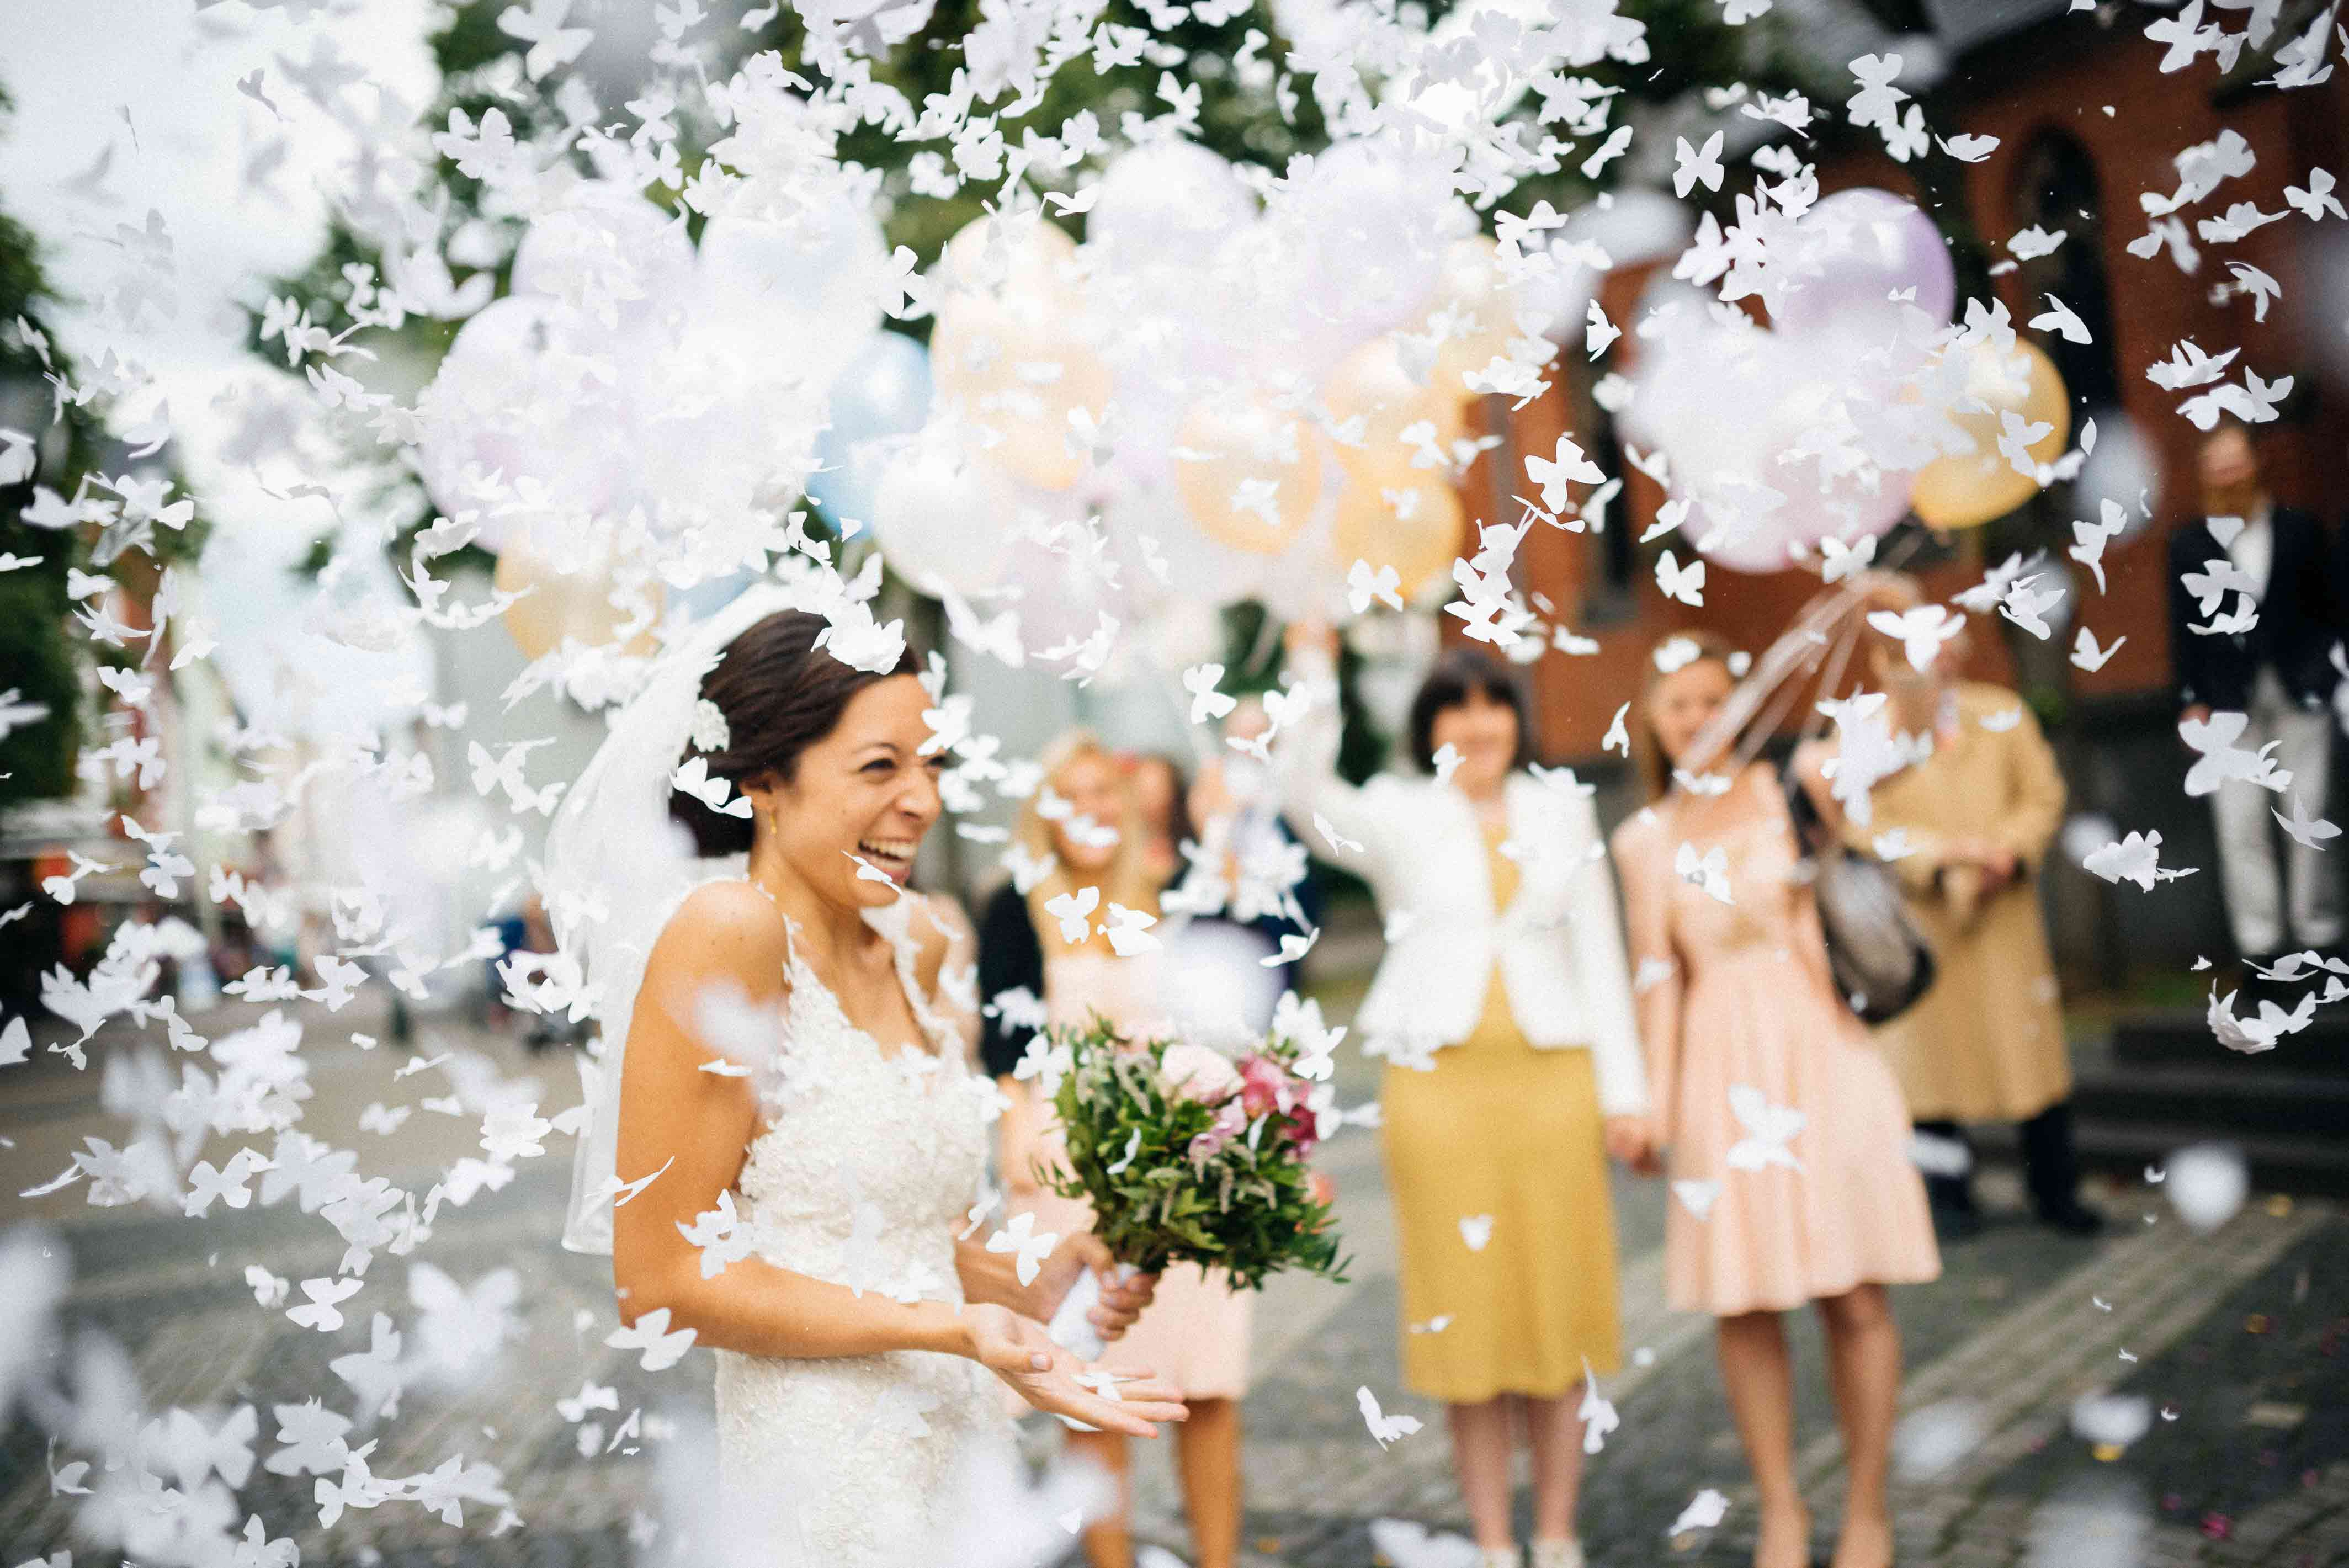 Echte Hochzeiten - 2016 - Isabelle Thiemann - Köln